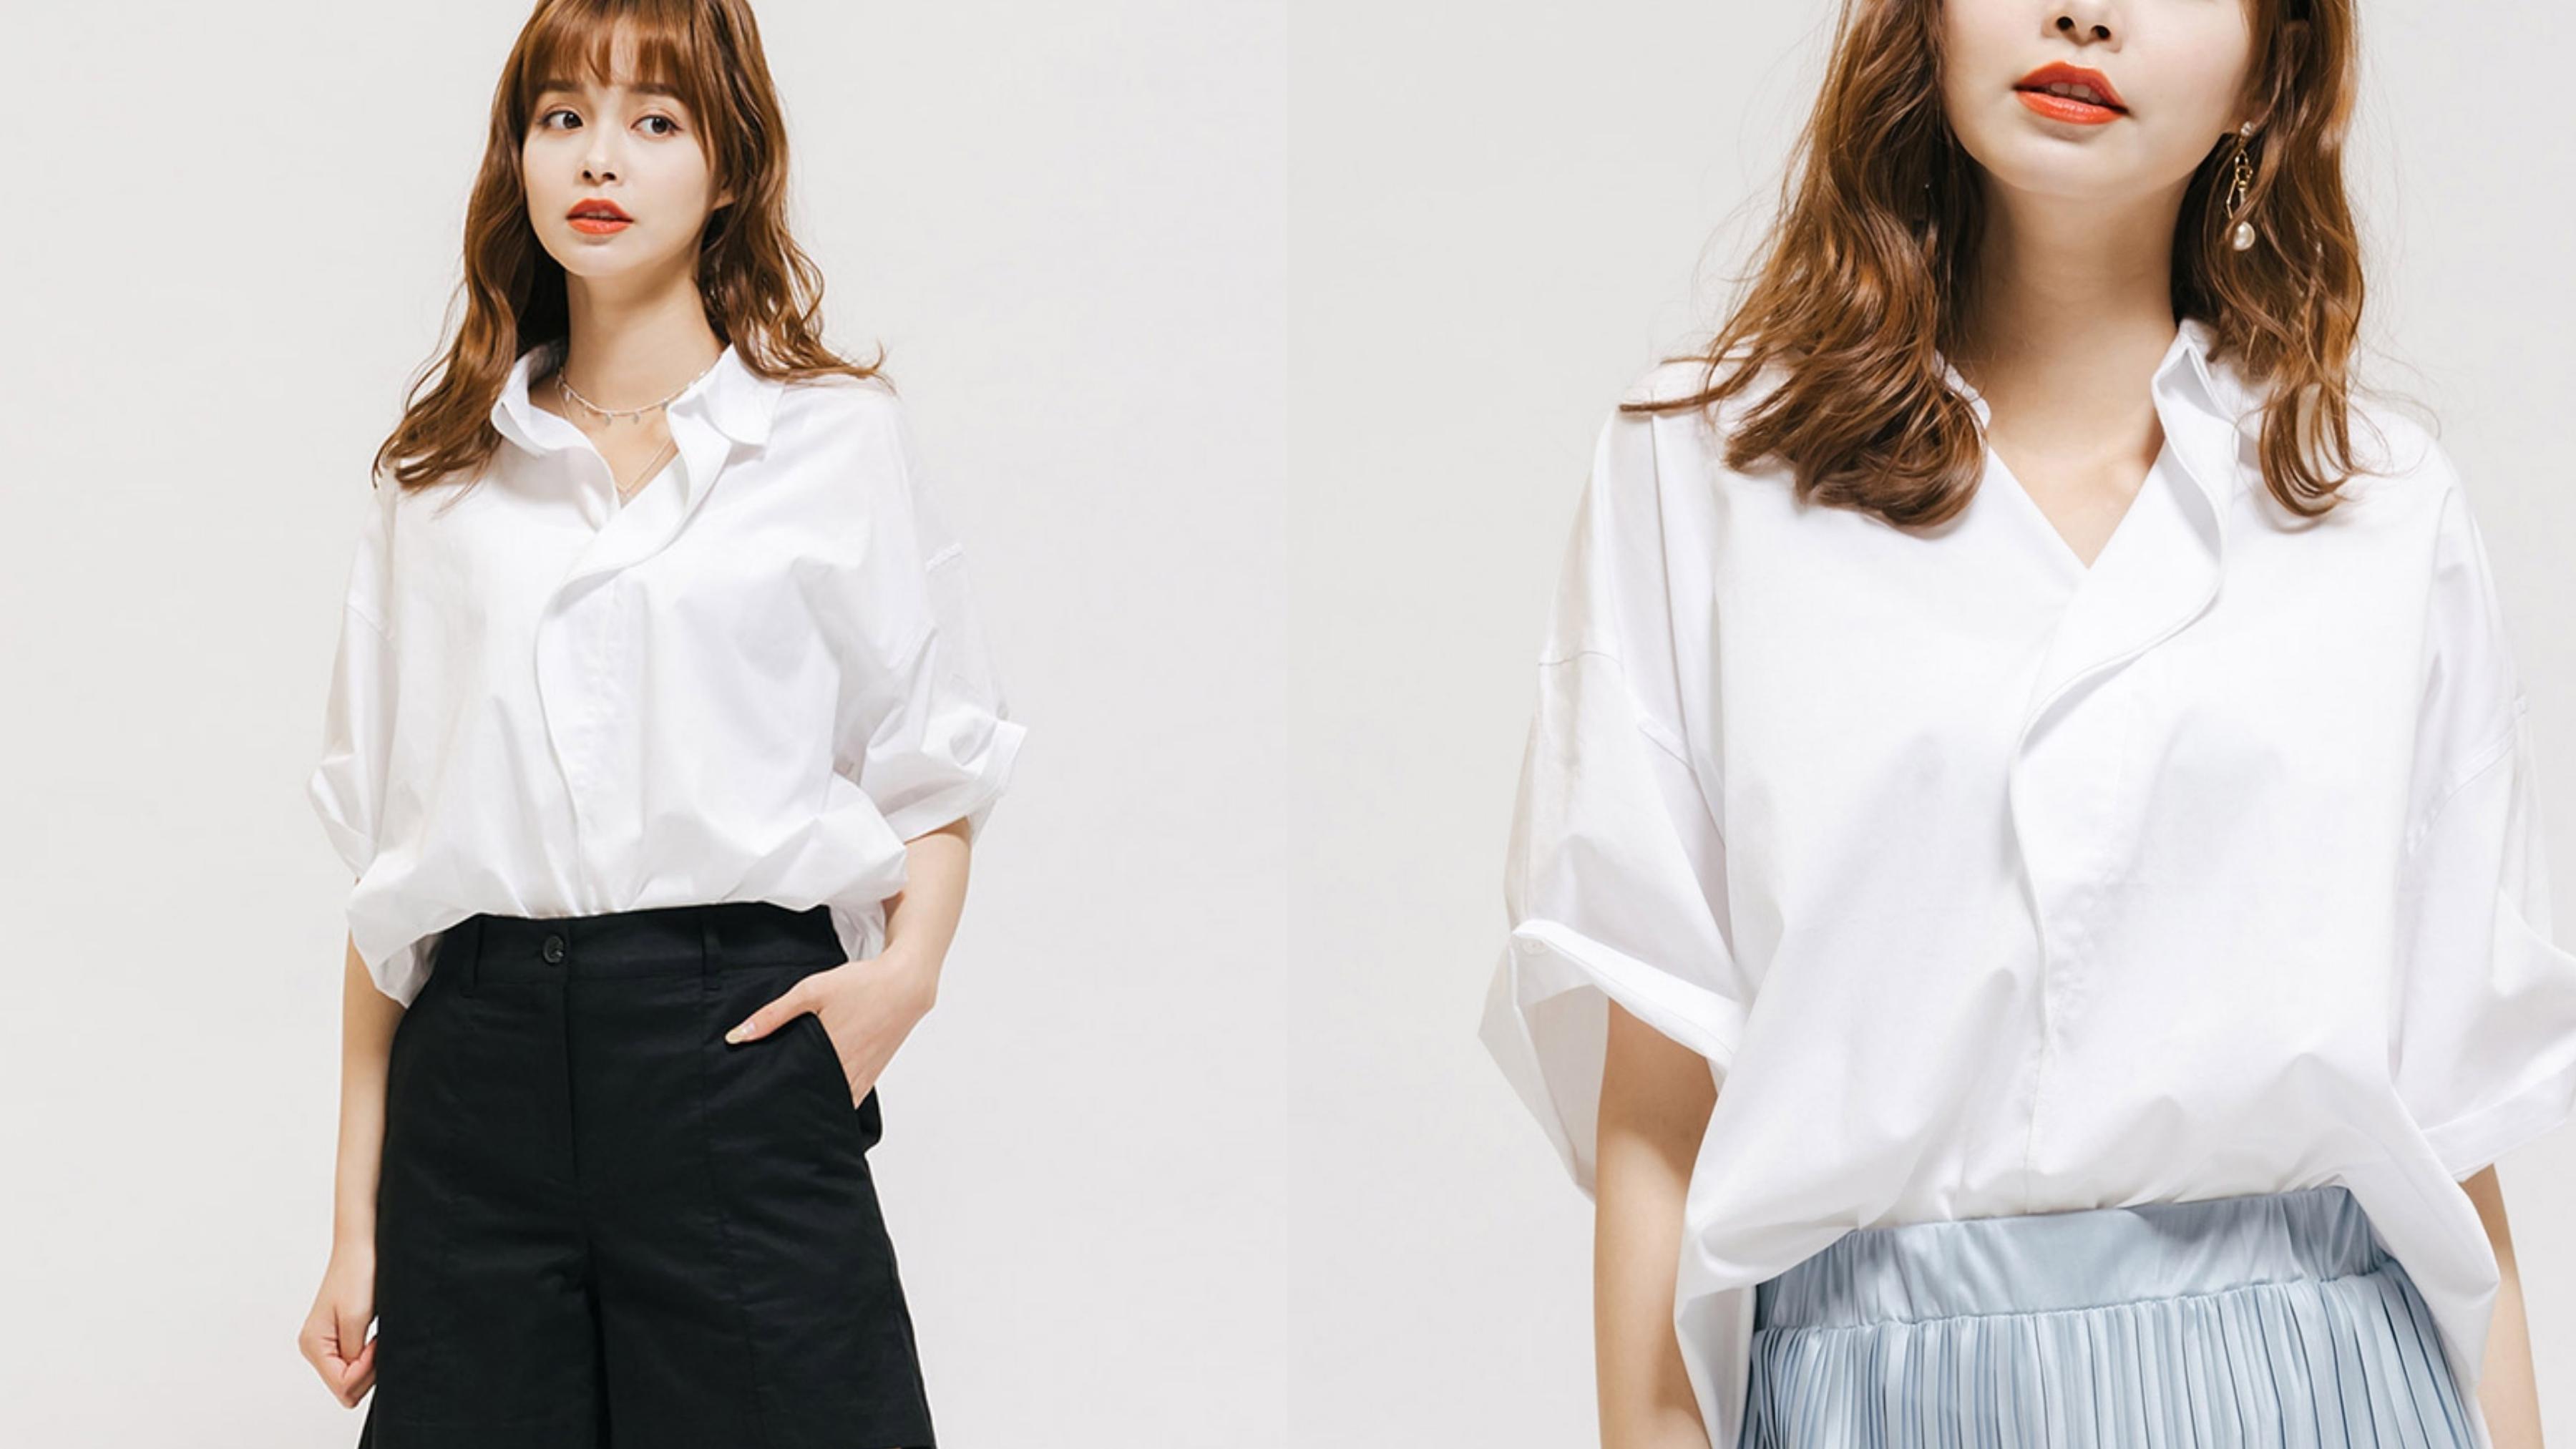 落肩設計修身顯瘦,加上偏硬挺的襯衫材質,穿上秒修飾又藏肉